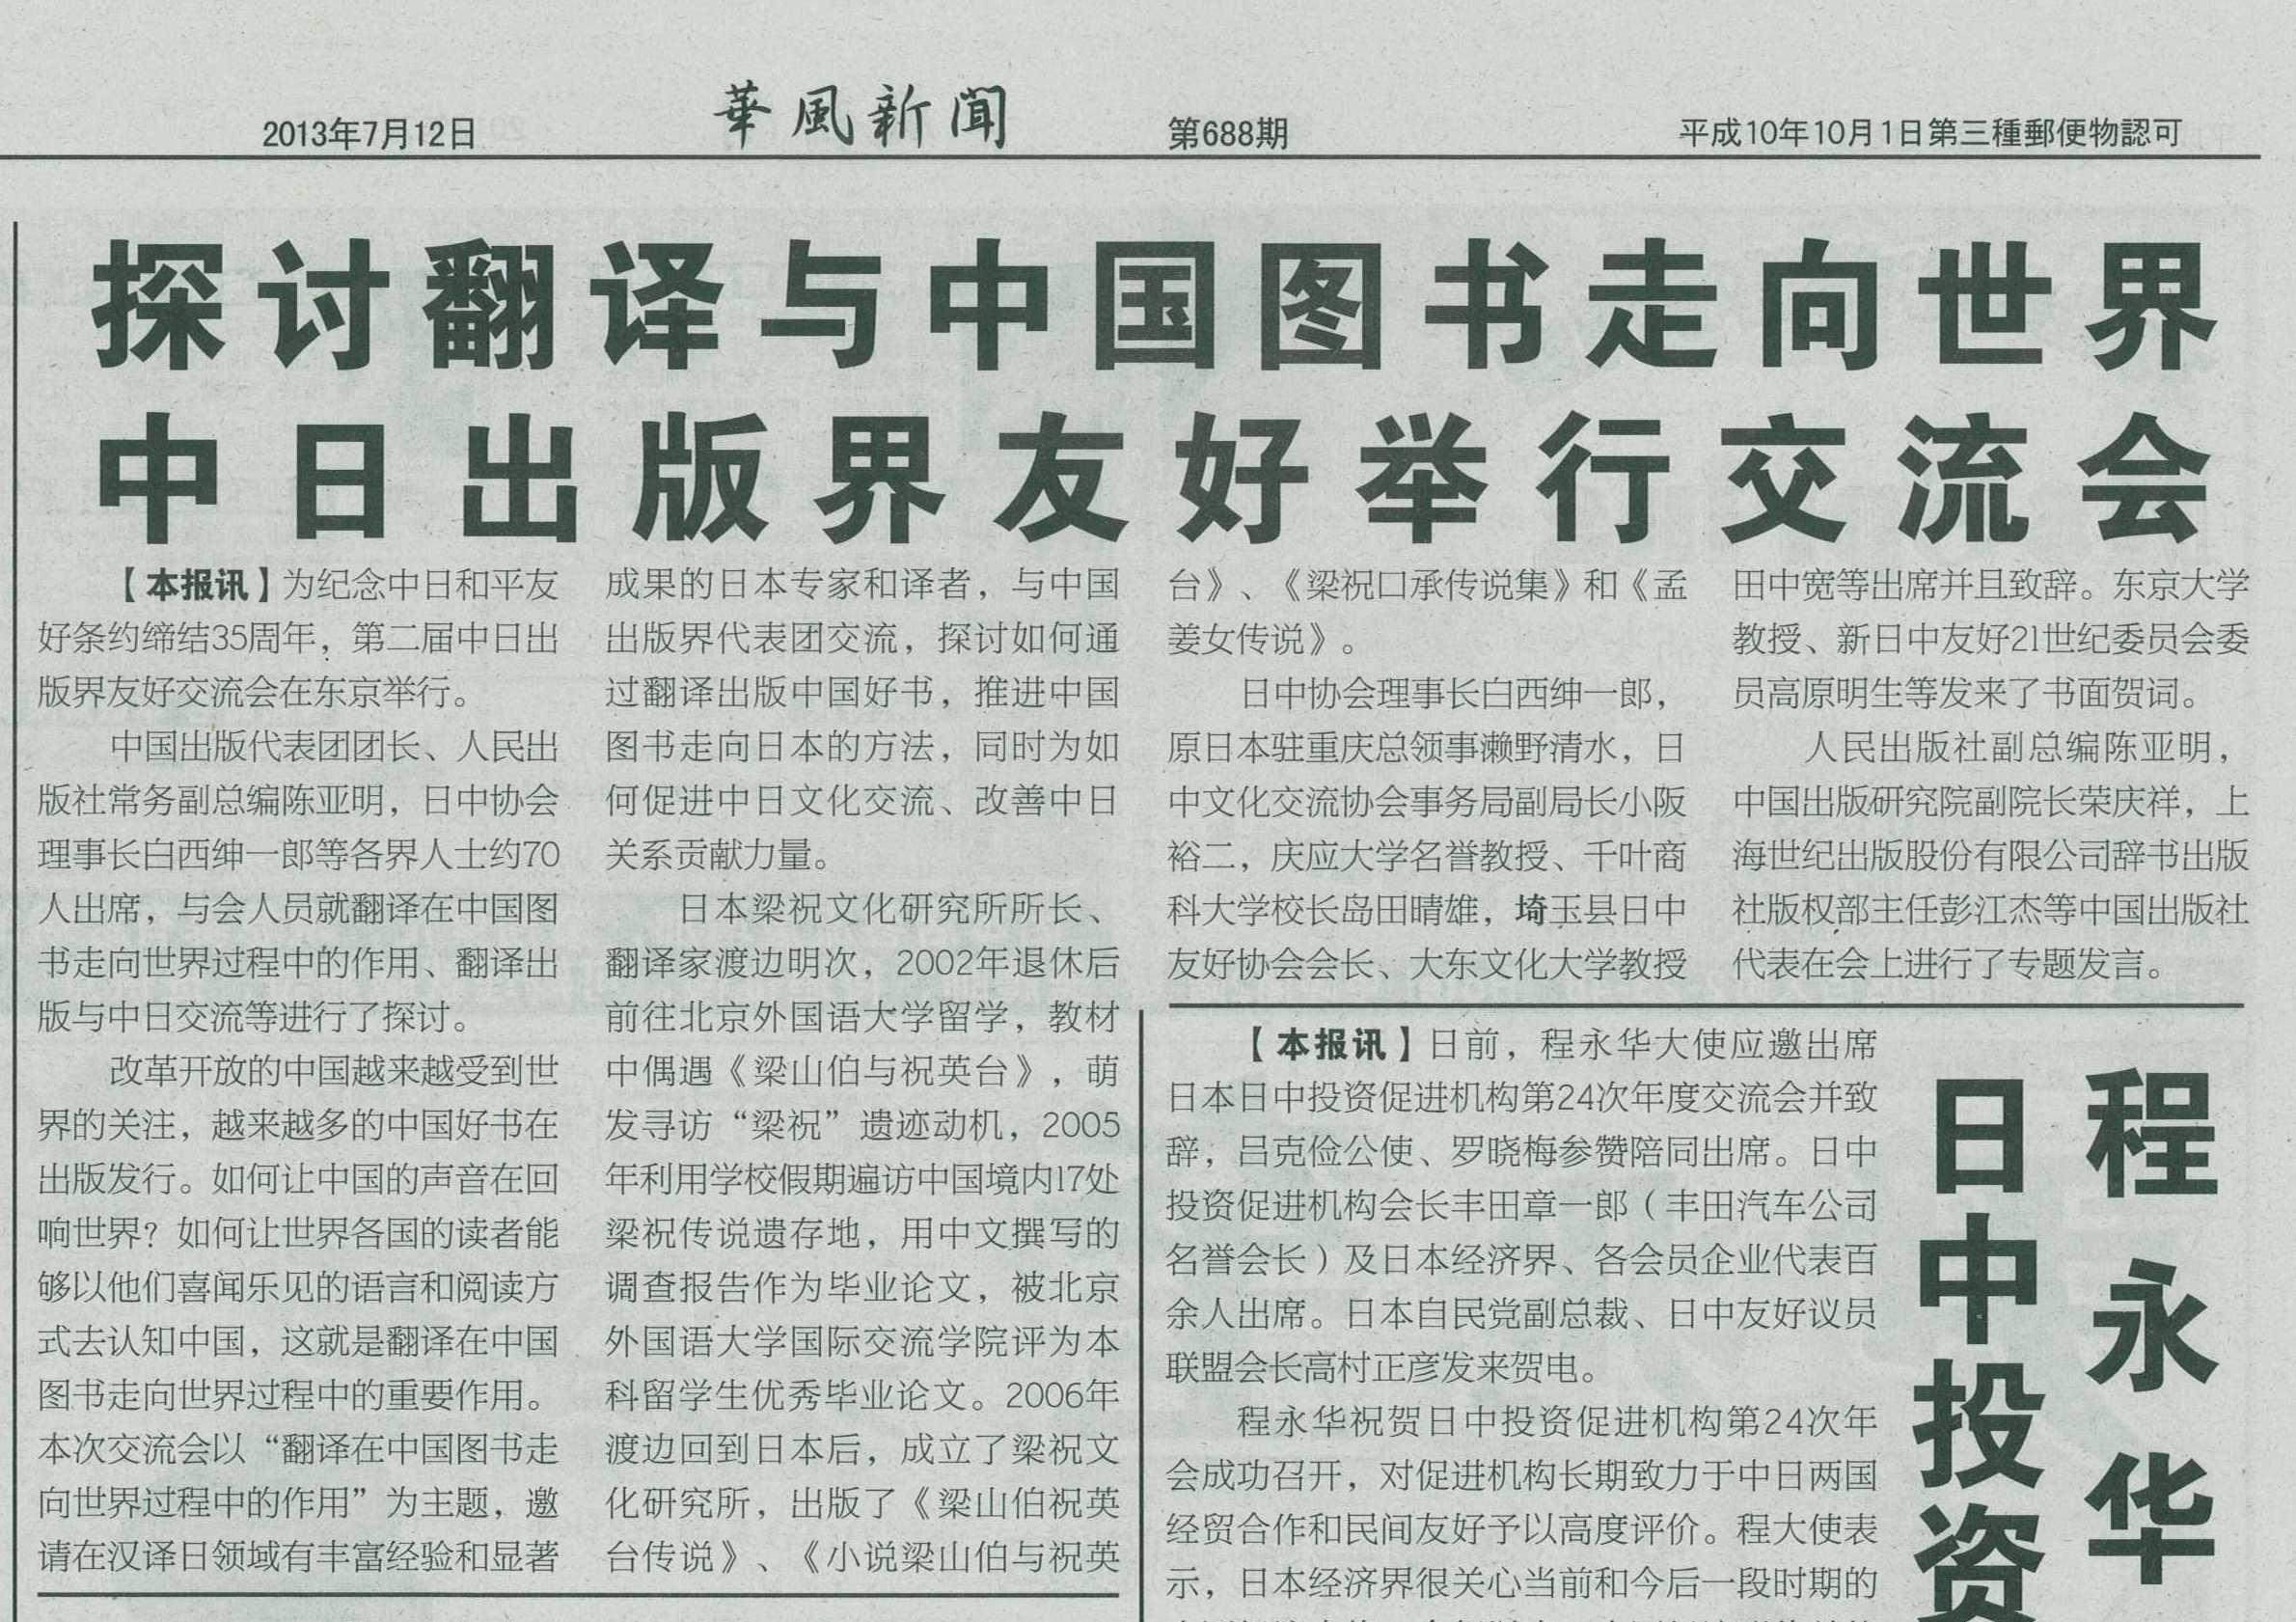 昨天的华风新闻――探讨翻译与中国图书走向世界,中日出版界友好交流会举行。_d0027795_9504098.jpg